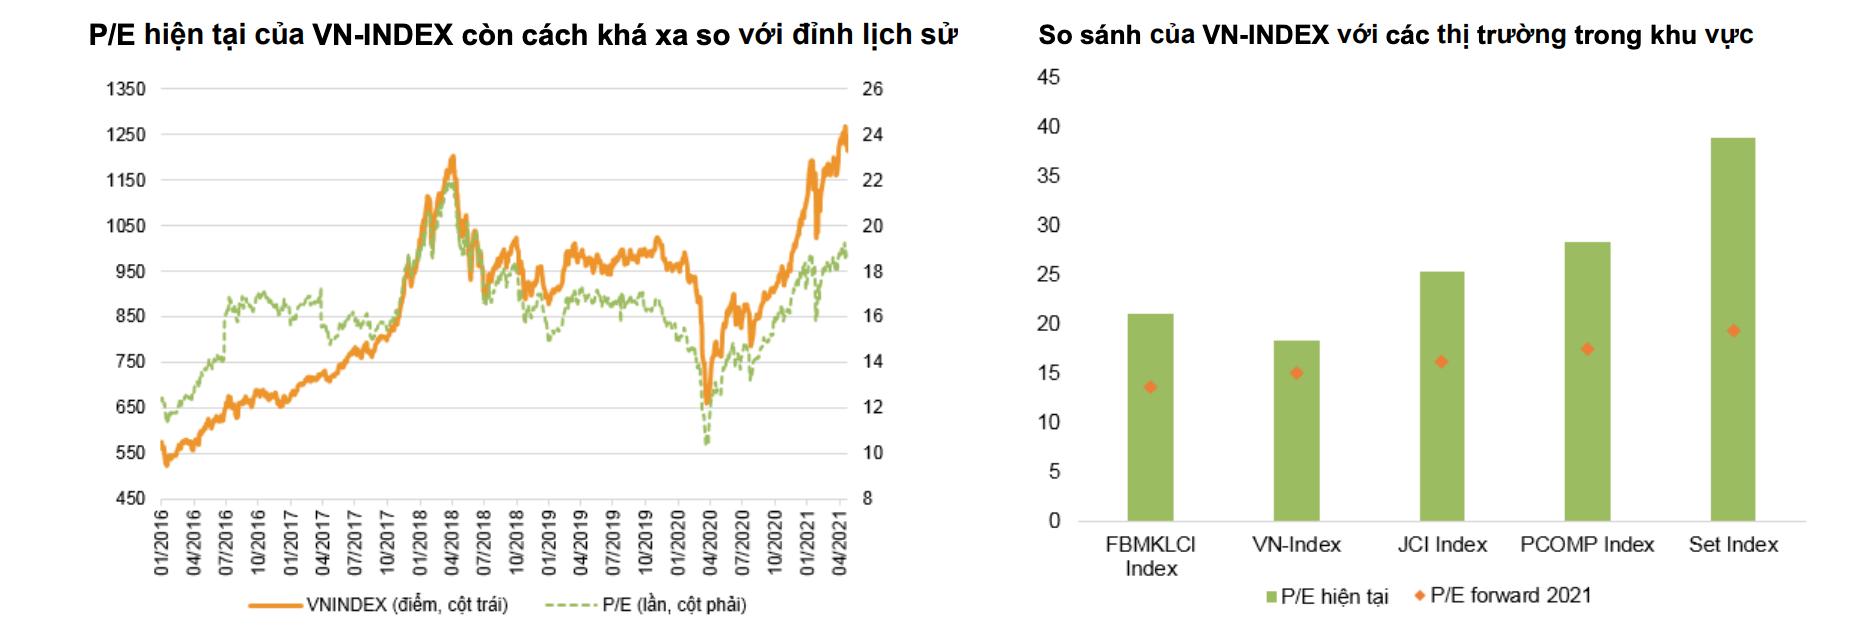 """VNDirect: VN-Index khó bứt phá trong tháng 5 bởi rủi ro """"Sell in May"""" - Ảnh 1."""